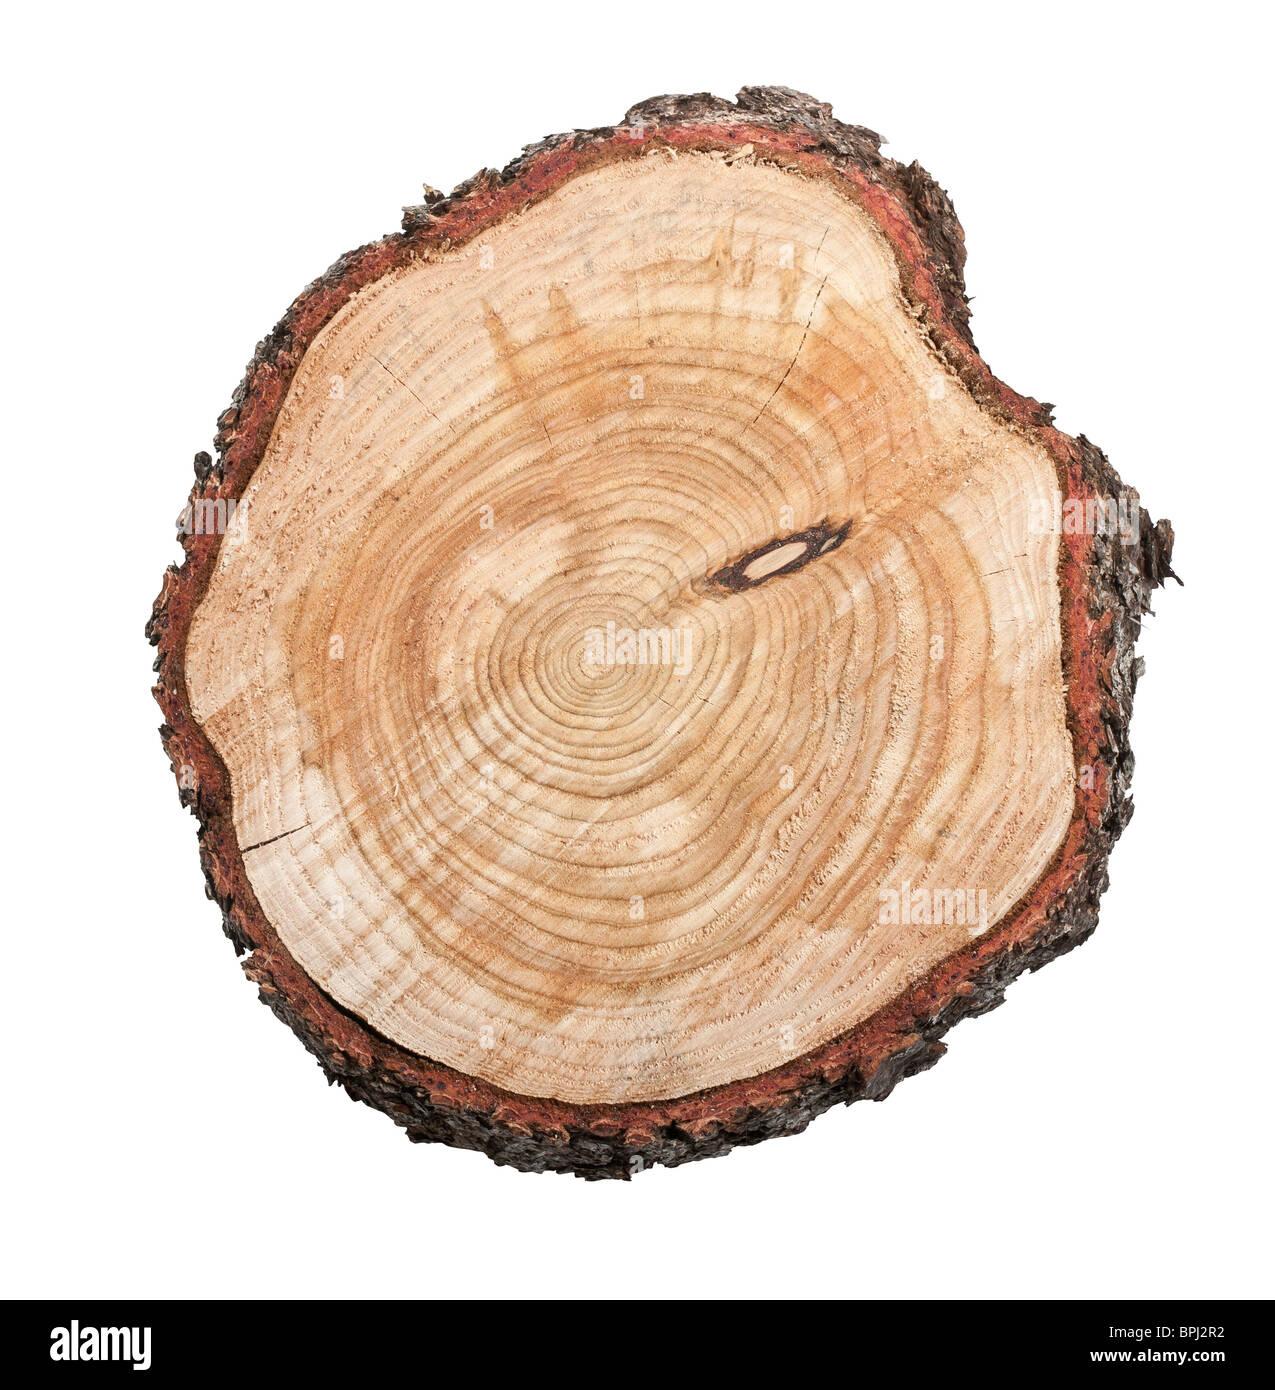 Draufsicht auf einen Baumstumpf isoliert auf weißem Hintergrund Stockbild